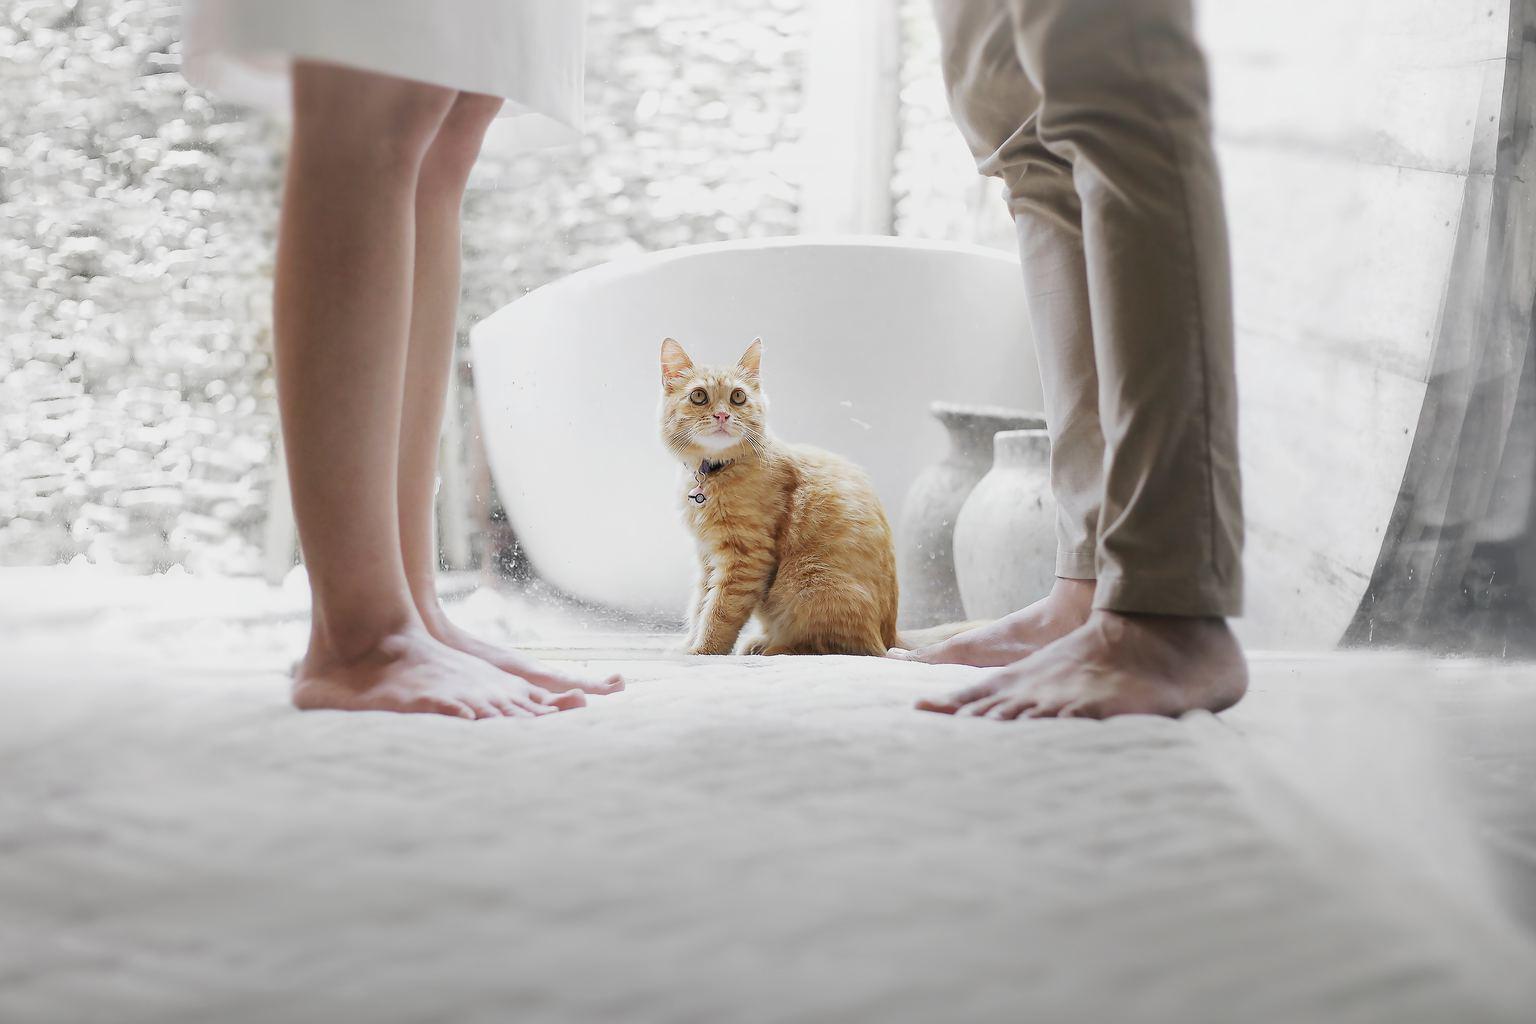 Gato observando a una pareja a la que solo se ven los pies